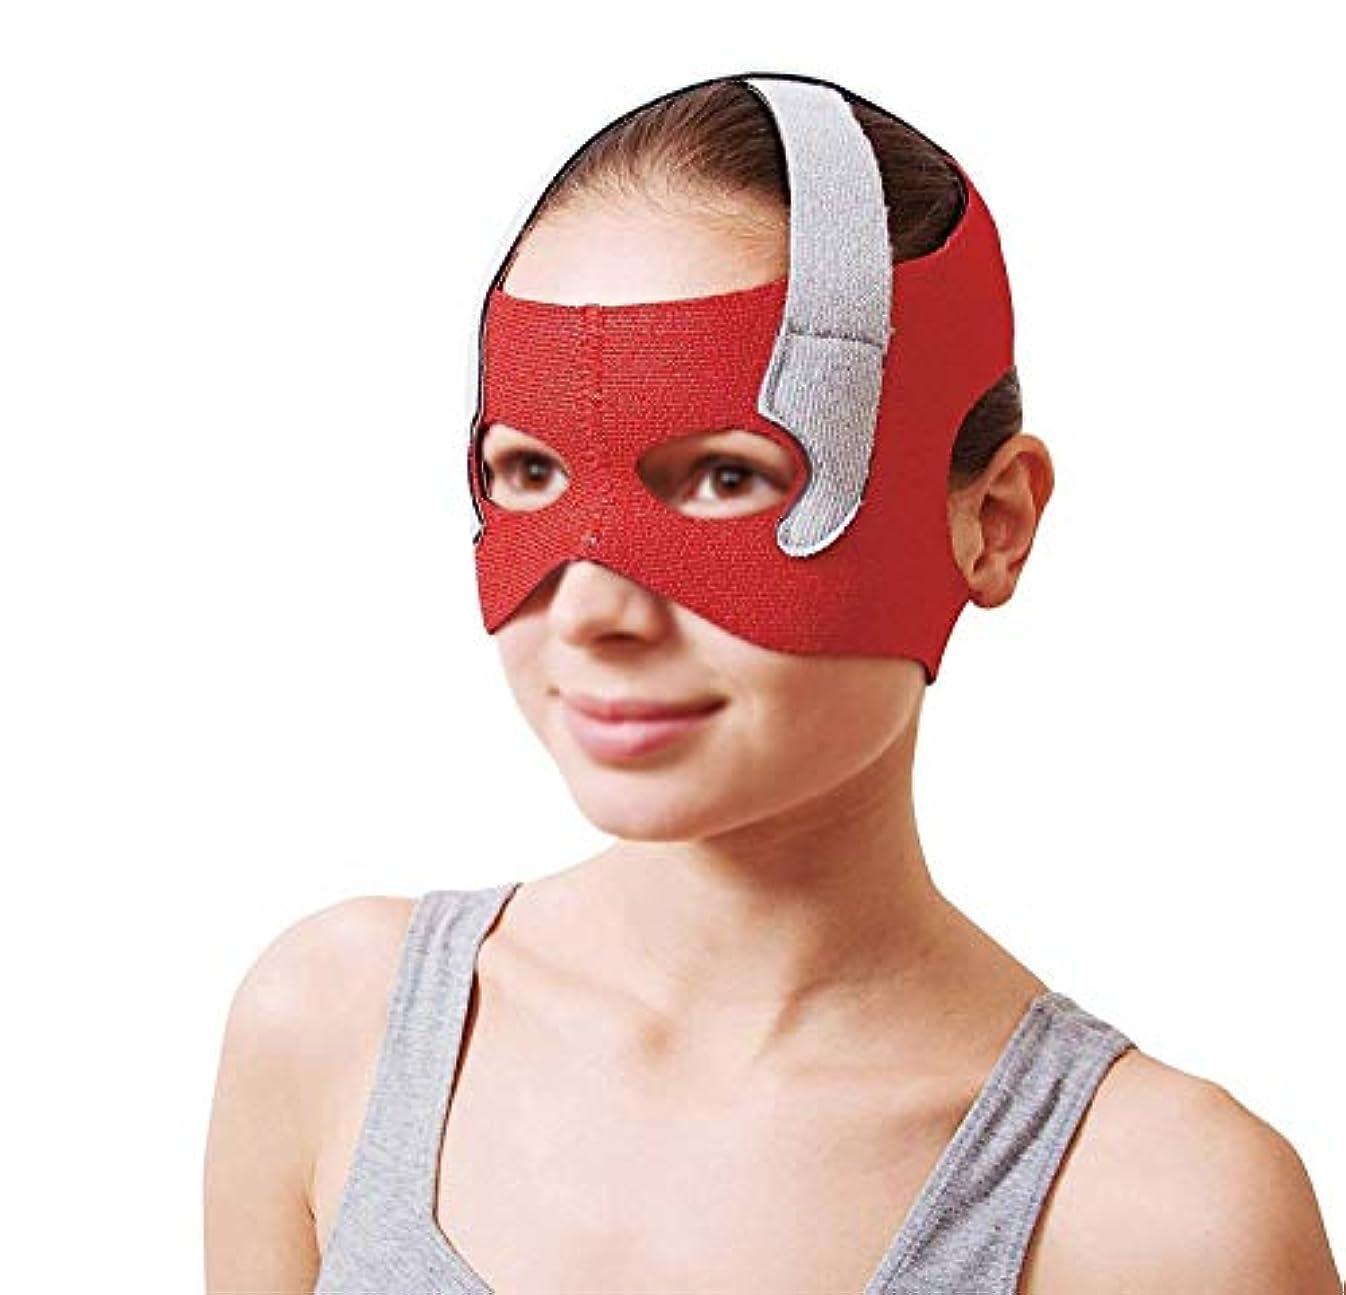 故意の文字通り職人フェイスリフトマスク、回復ポスト包帯ヘッドギアフェイスマスク顔薄いフェイスマスクアーティファクト美容ベルト顔と首リフト顔周囲57-68 cm